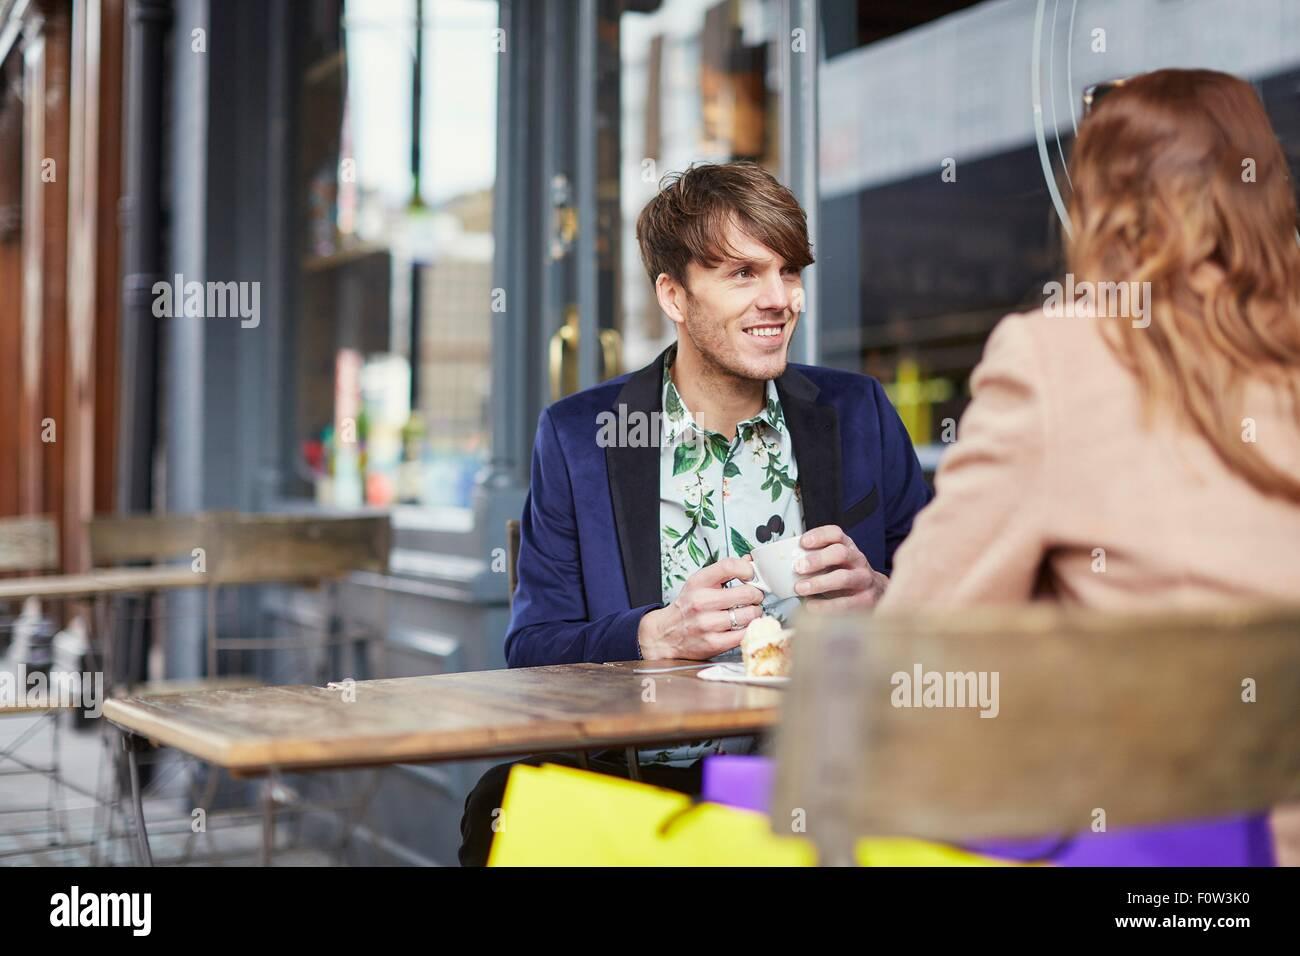 Sulla spalla vista del giovane chat a sidewalk cafe, London, Regno Unito Immagini Stock